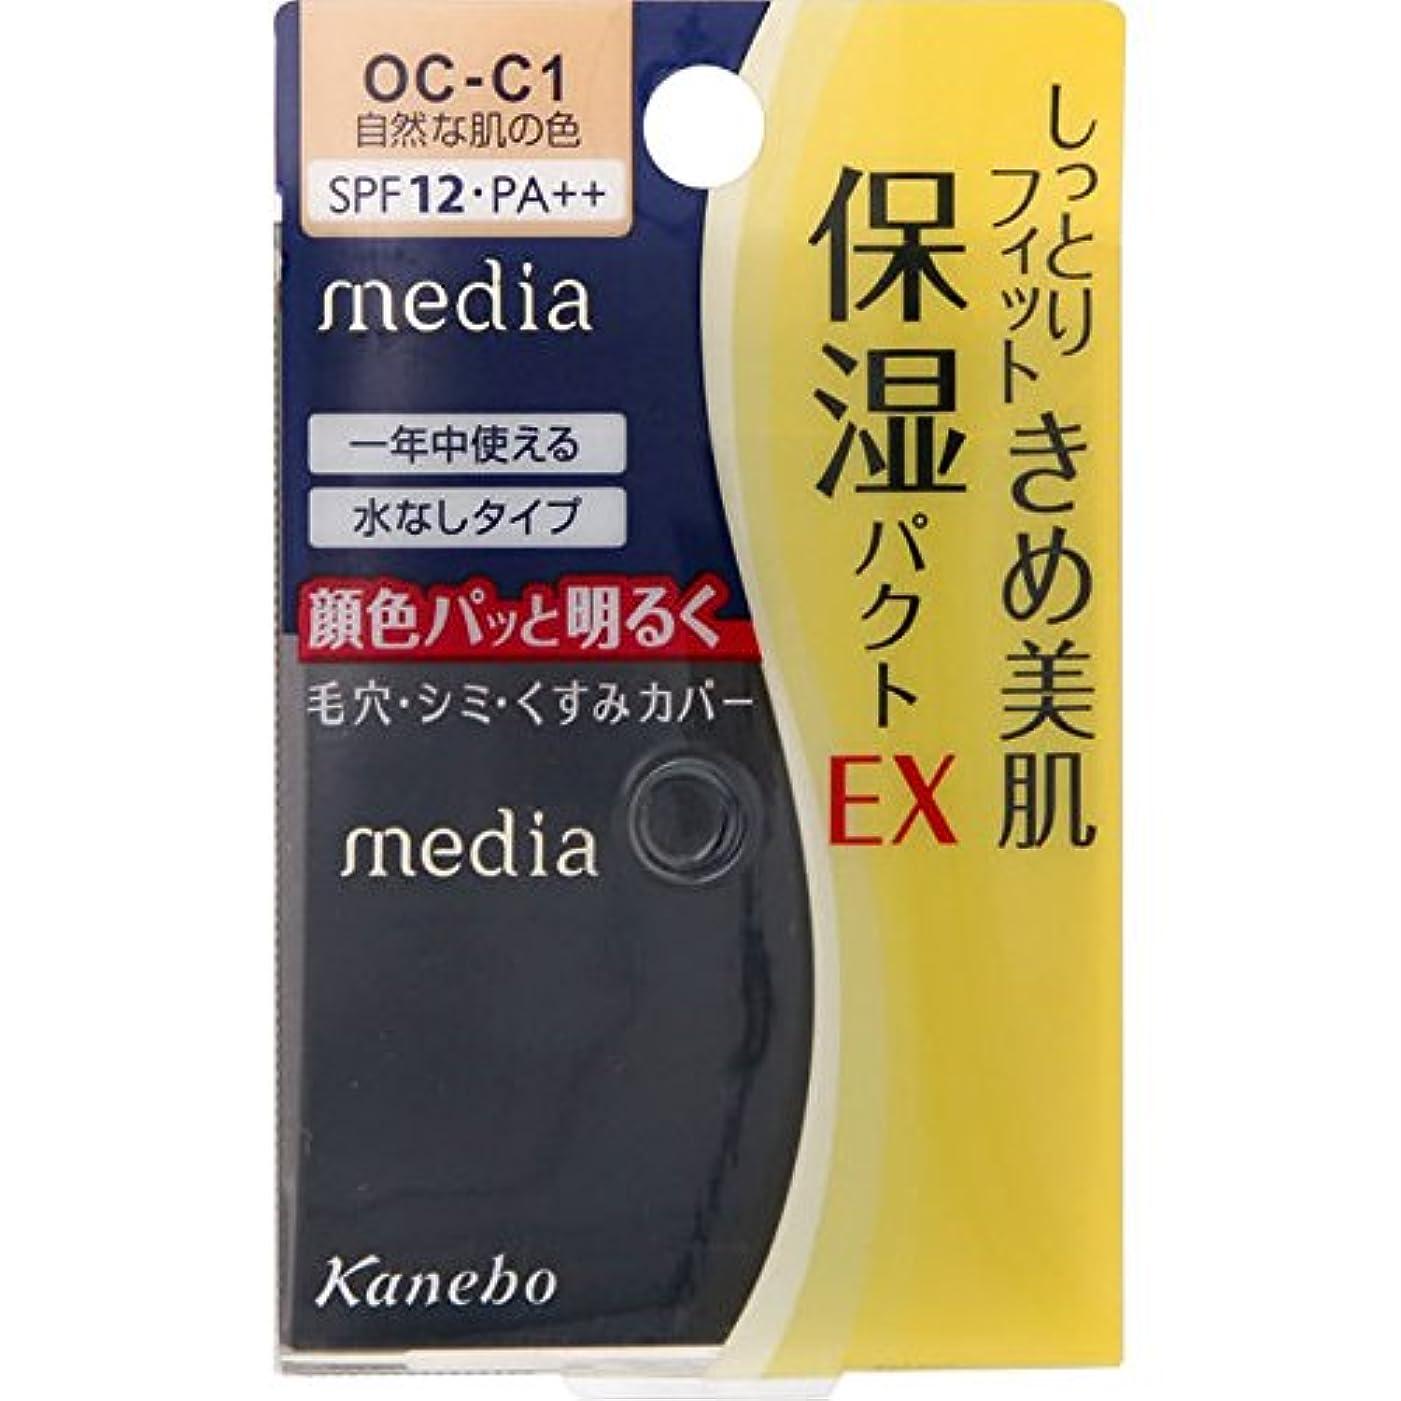 シミュレートする必要モザイクカネボウ メディア モイストフィットパクトEX OC-C1(11g)